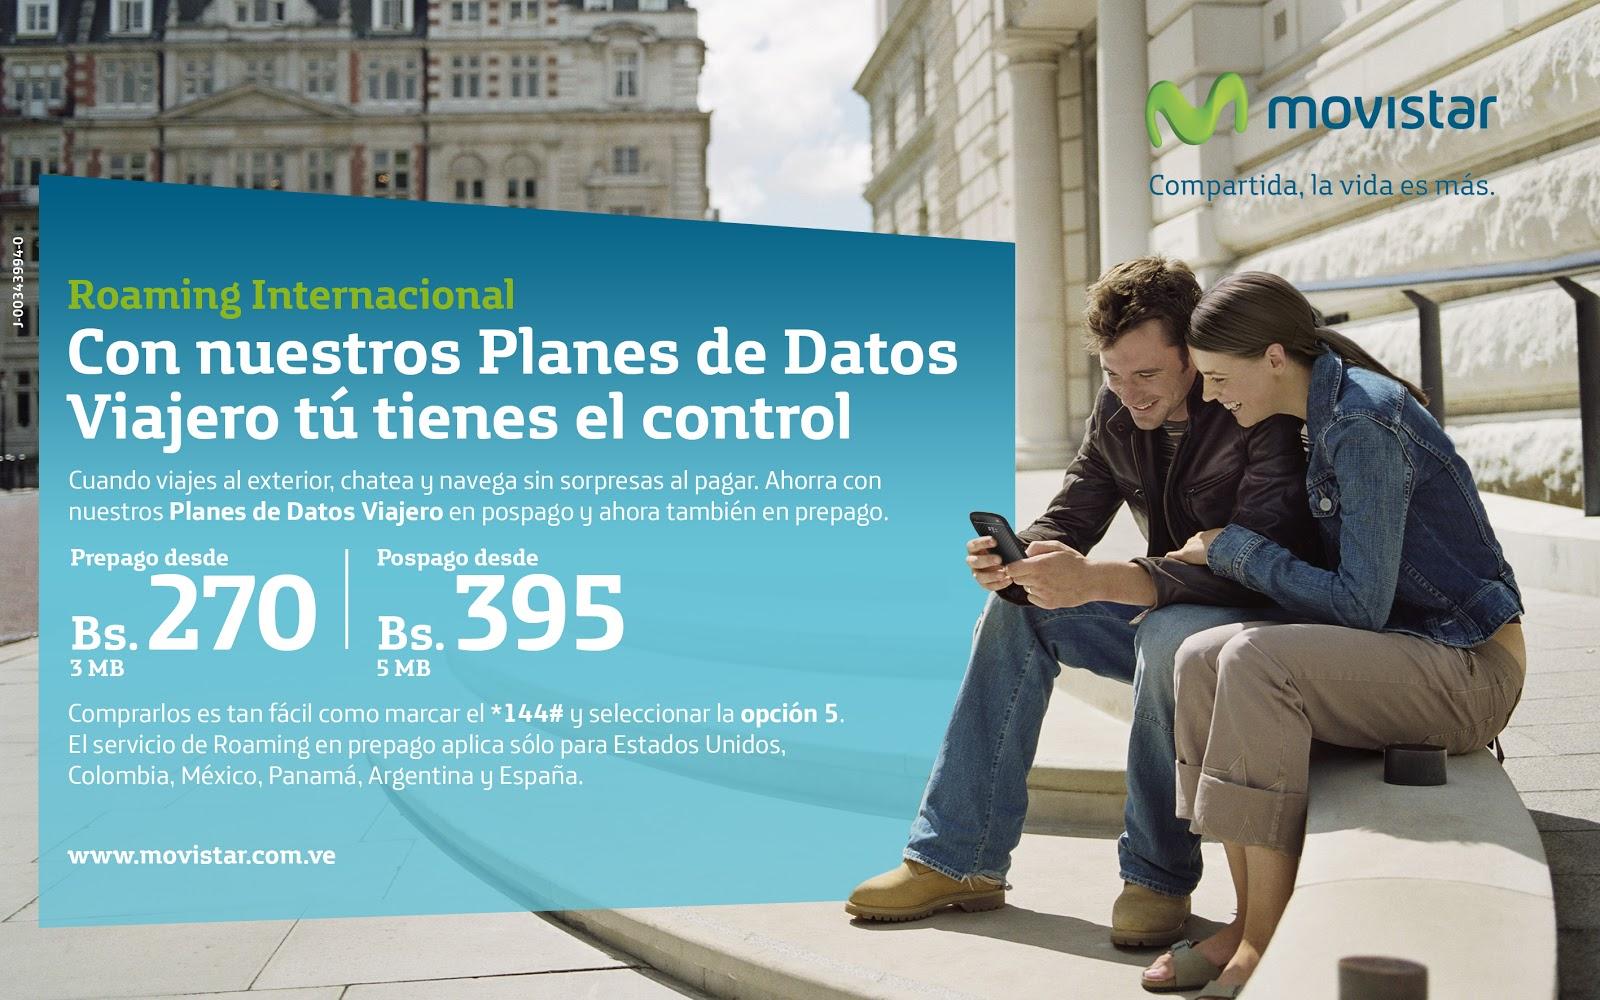 Como transferir saldo movistar desde banco venezuela Banco venezuela clavenet